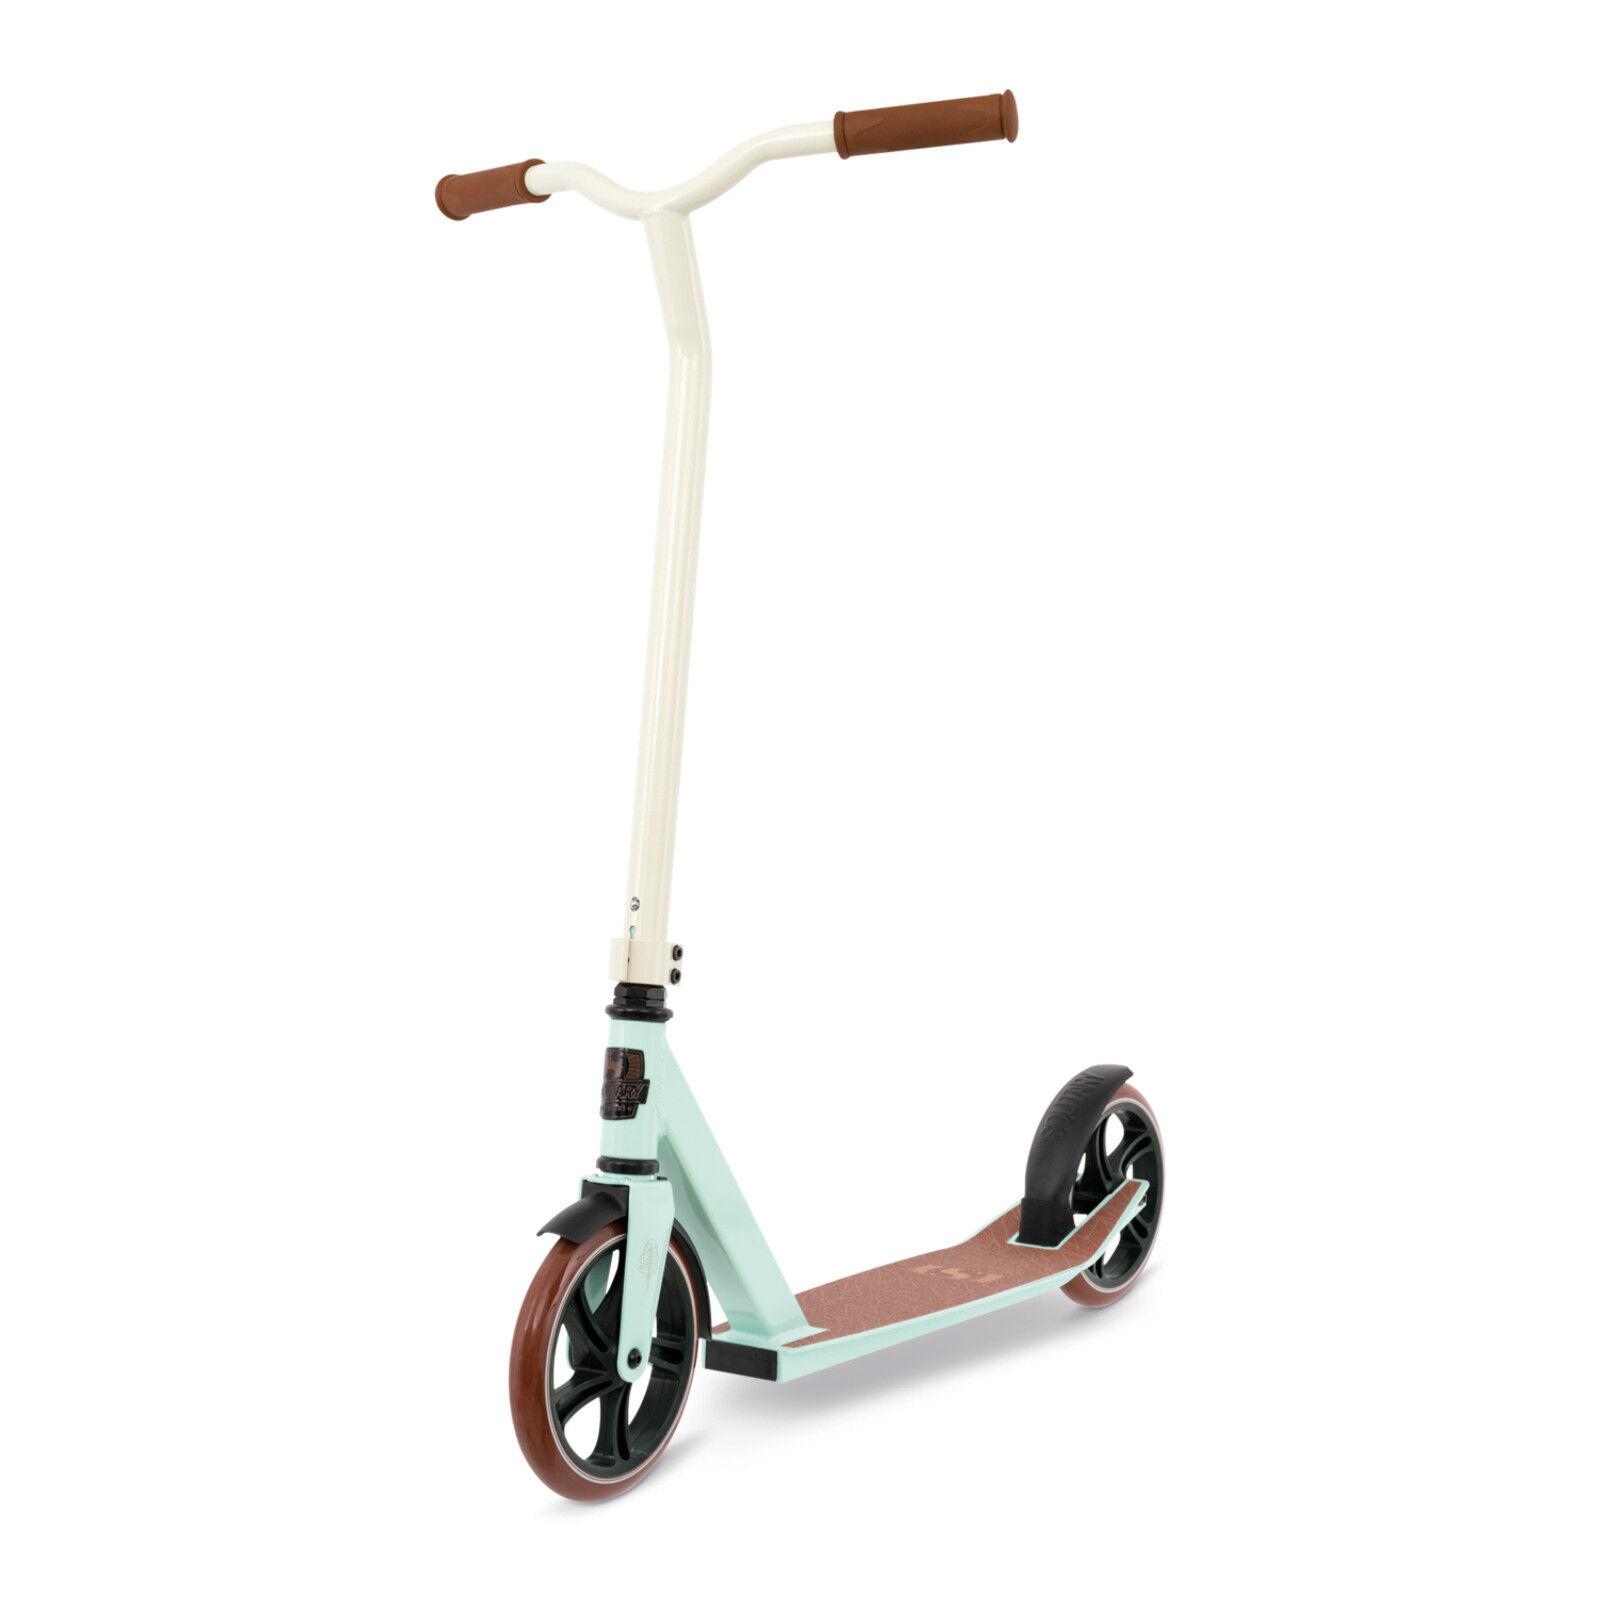 Scooter Roller Erwachsenen- und Kinderroller Kinderroller und Kinderscooter Tretroller Cityroller cc314c